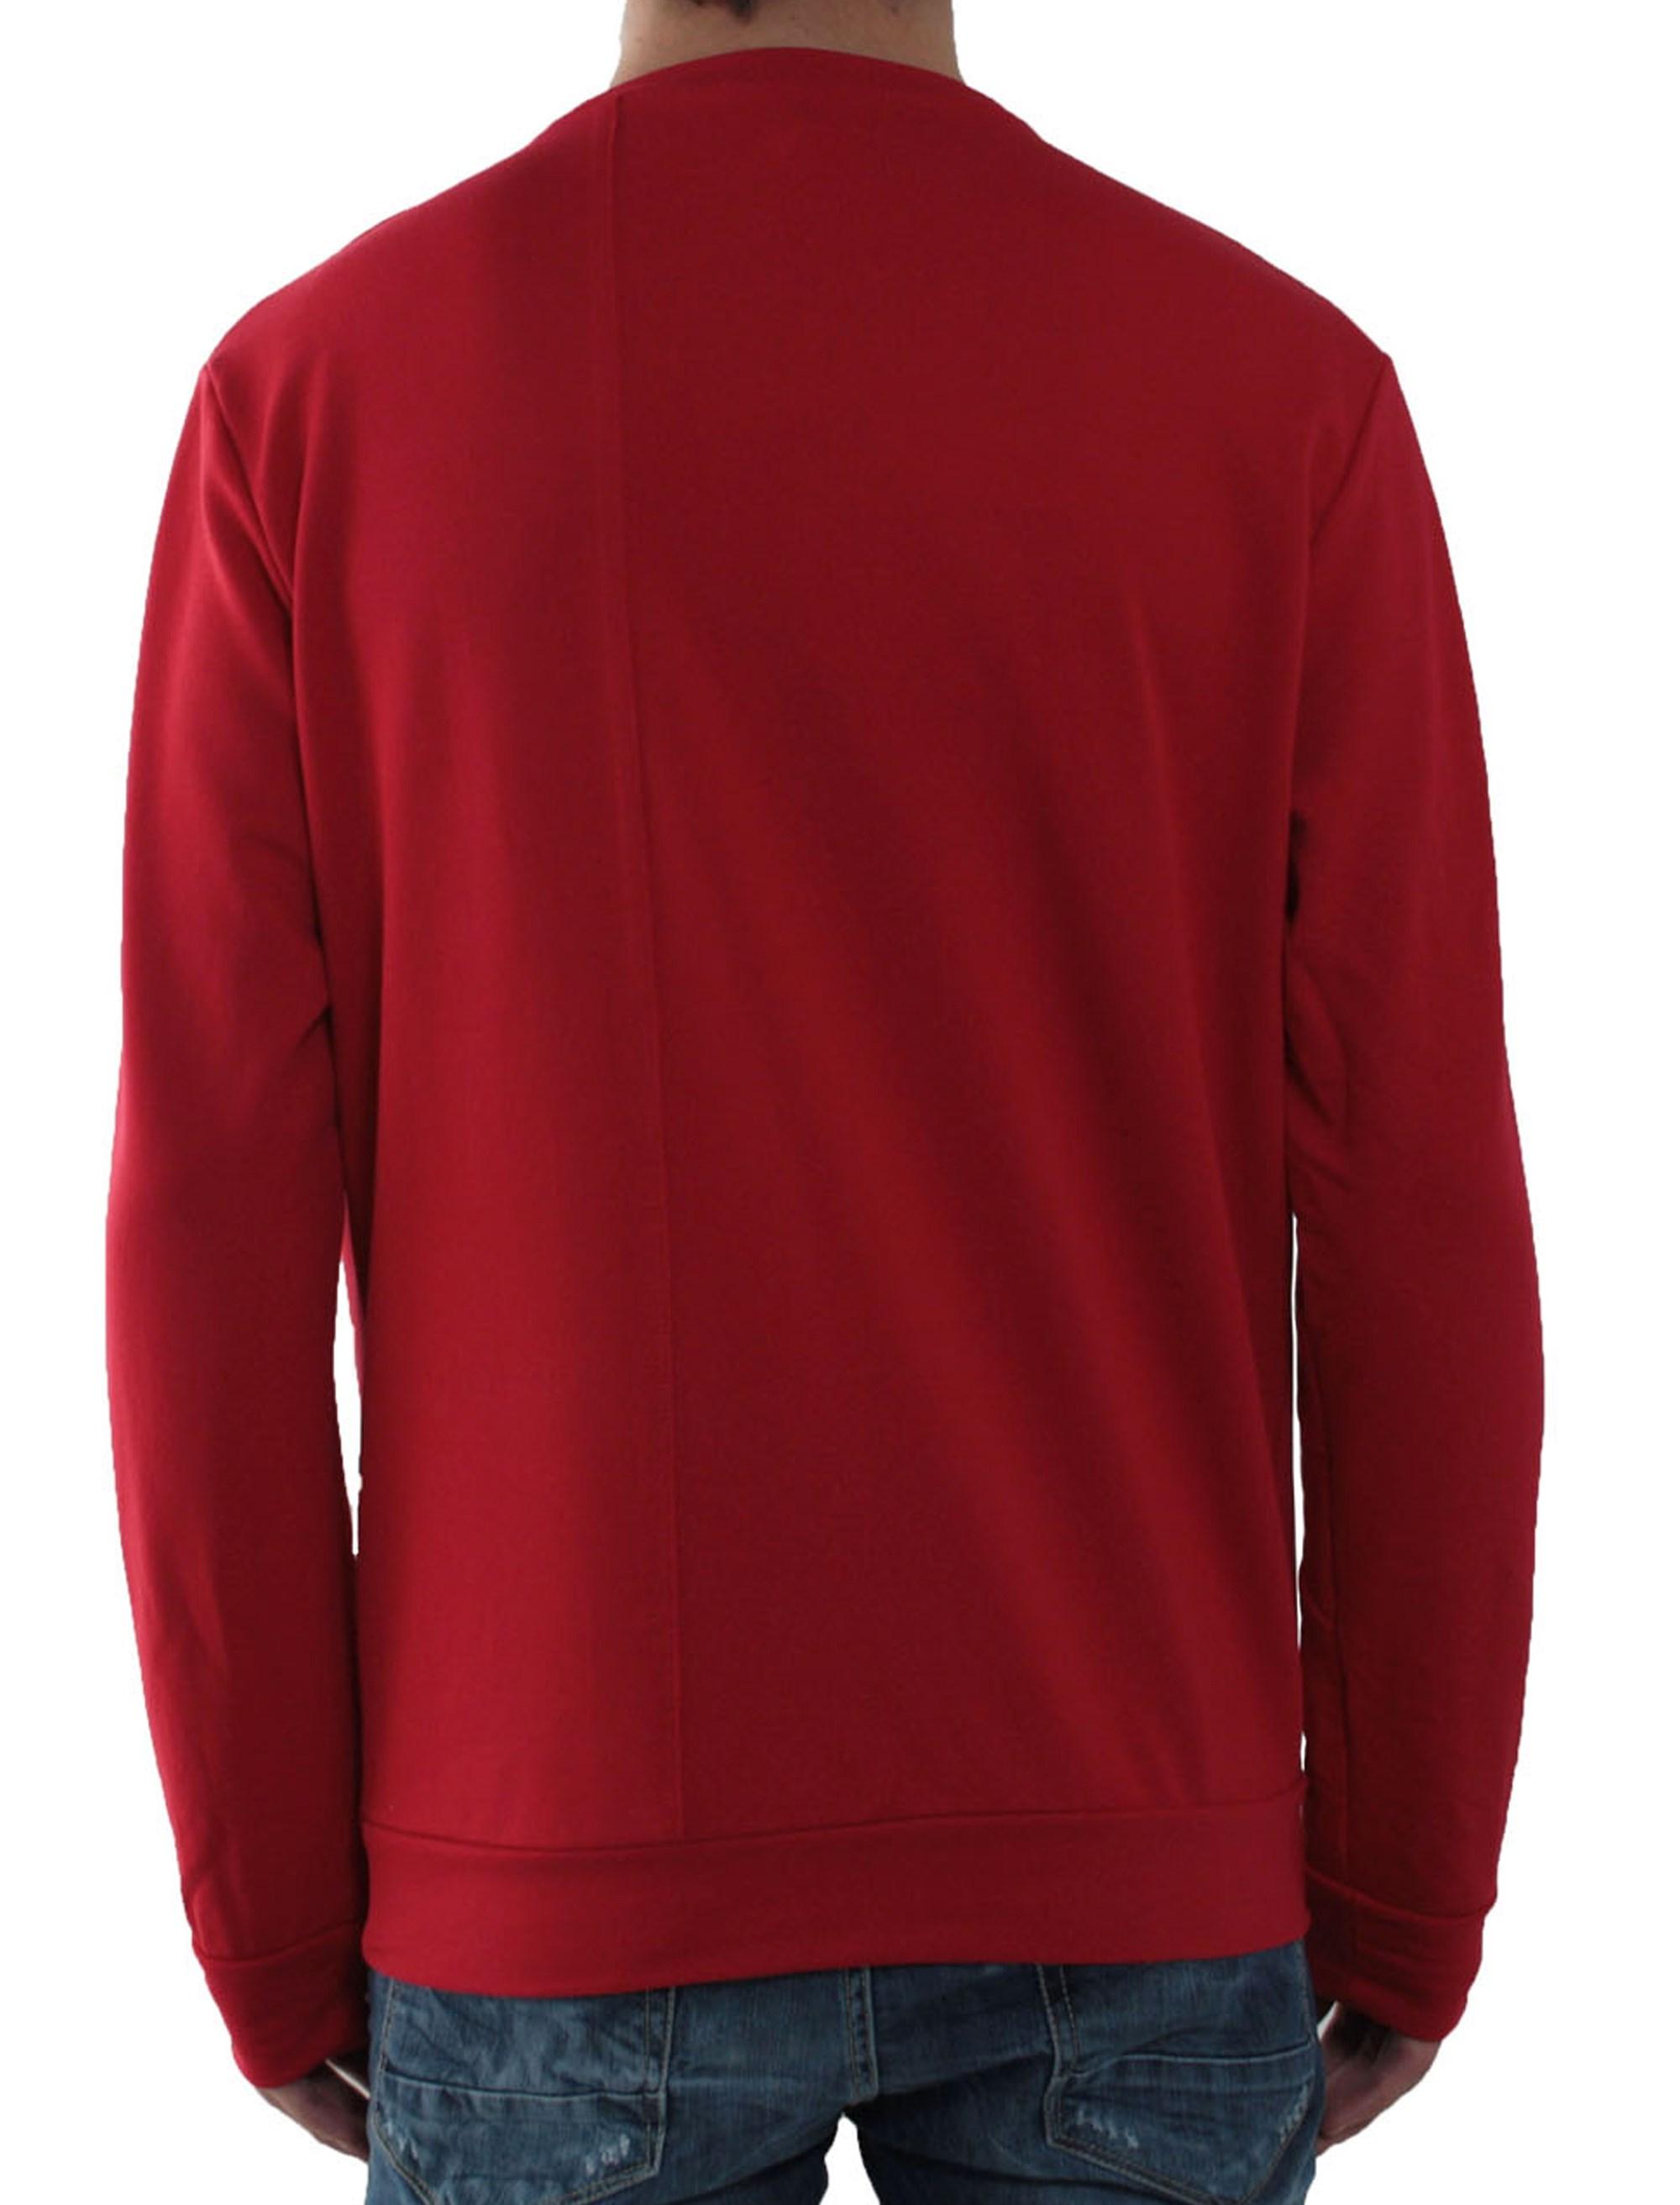 Men Close Front Sweatshirt - امپریال